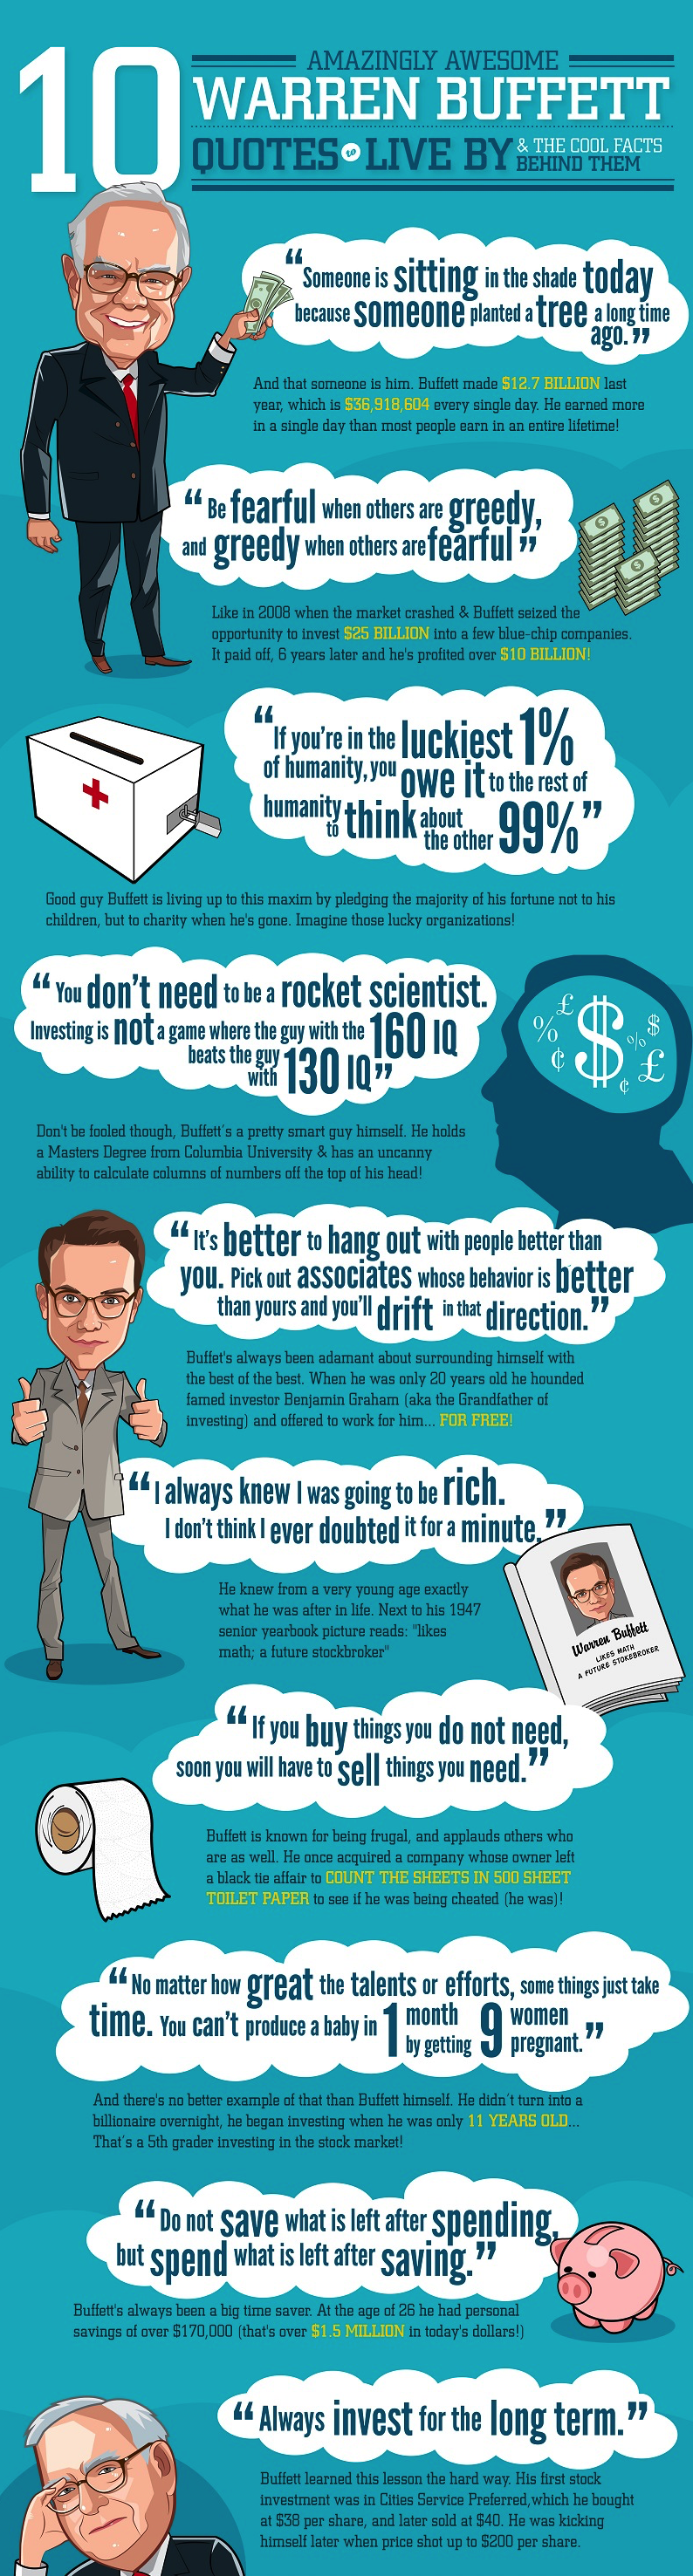 Warren-Buffett-quotes